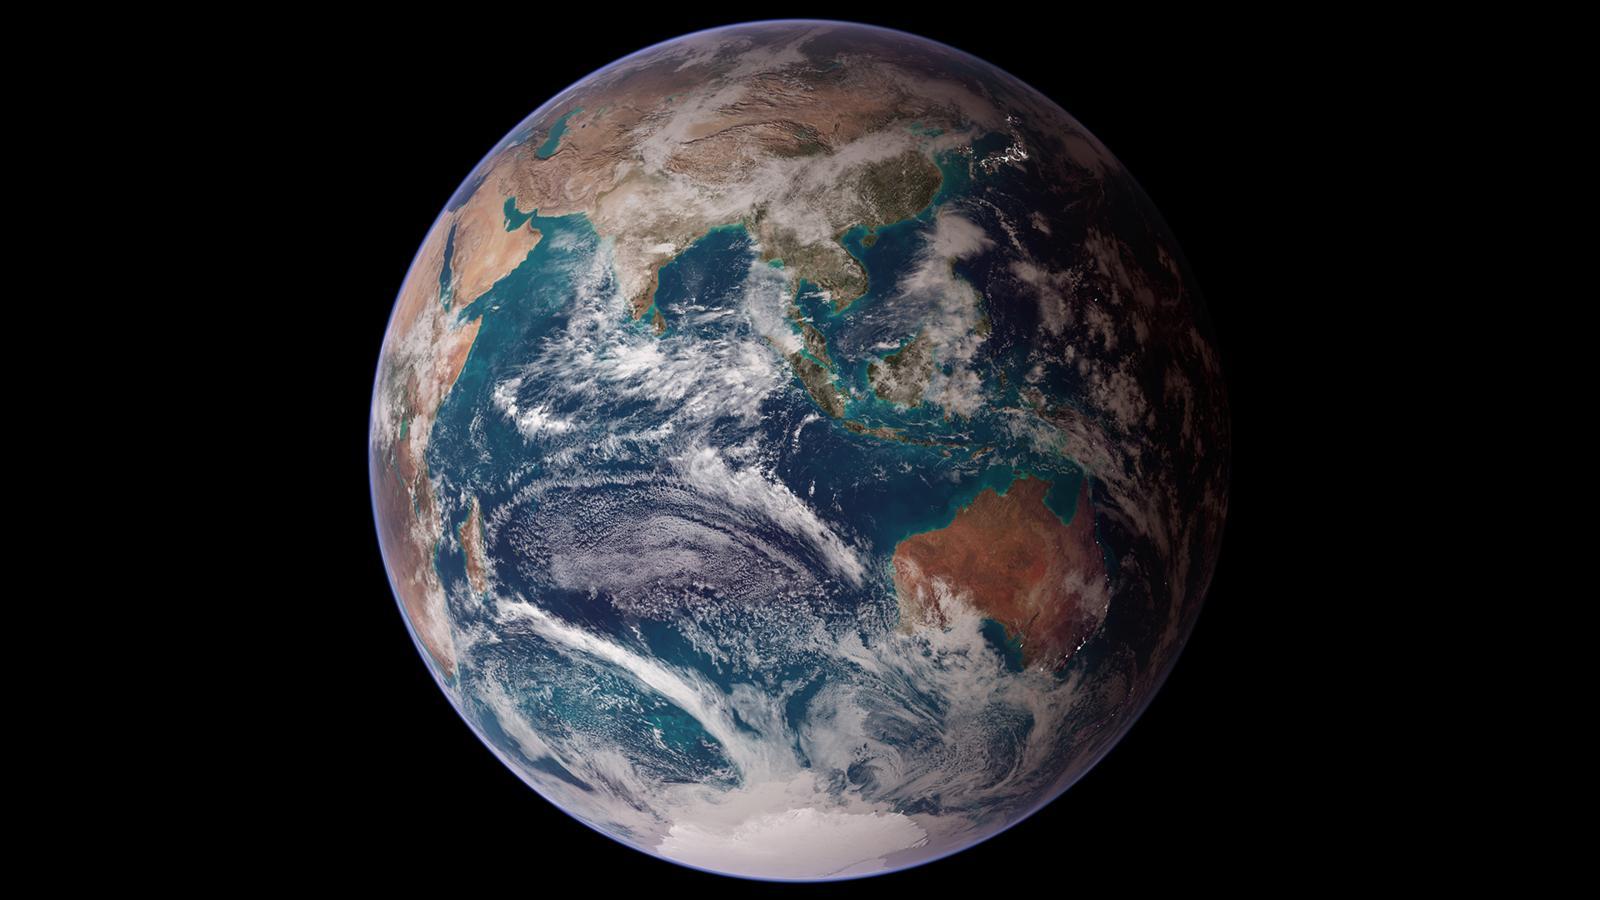 미 항공우주국 인공위성이 촬영한 지구. 지구 생태계를 하나의 거대한 생명체로 보는 가이아 이론에 따르면 인류는 지구 생태계 질서를 파괴하는 기생충 같은 존재로 비춰진다. [중앙포토]